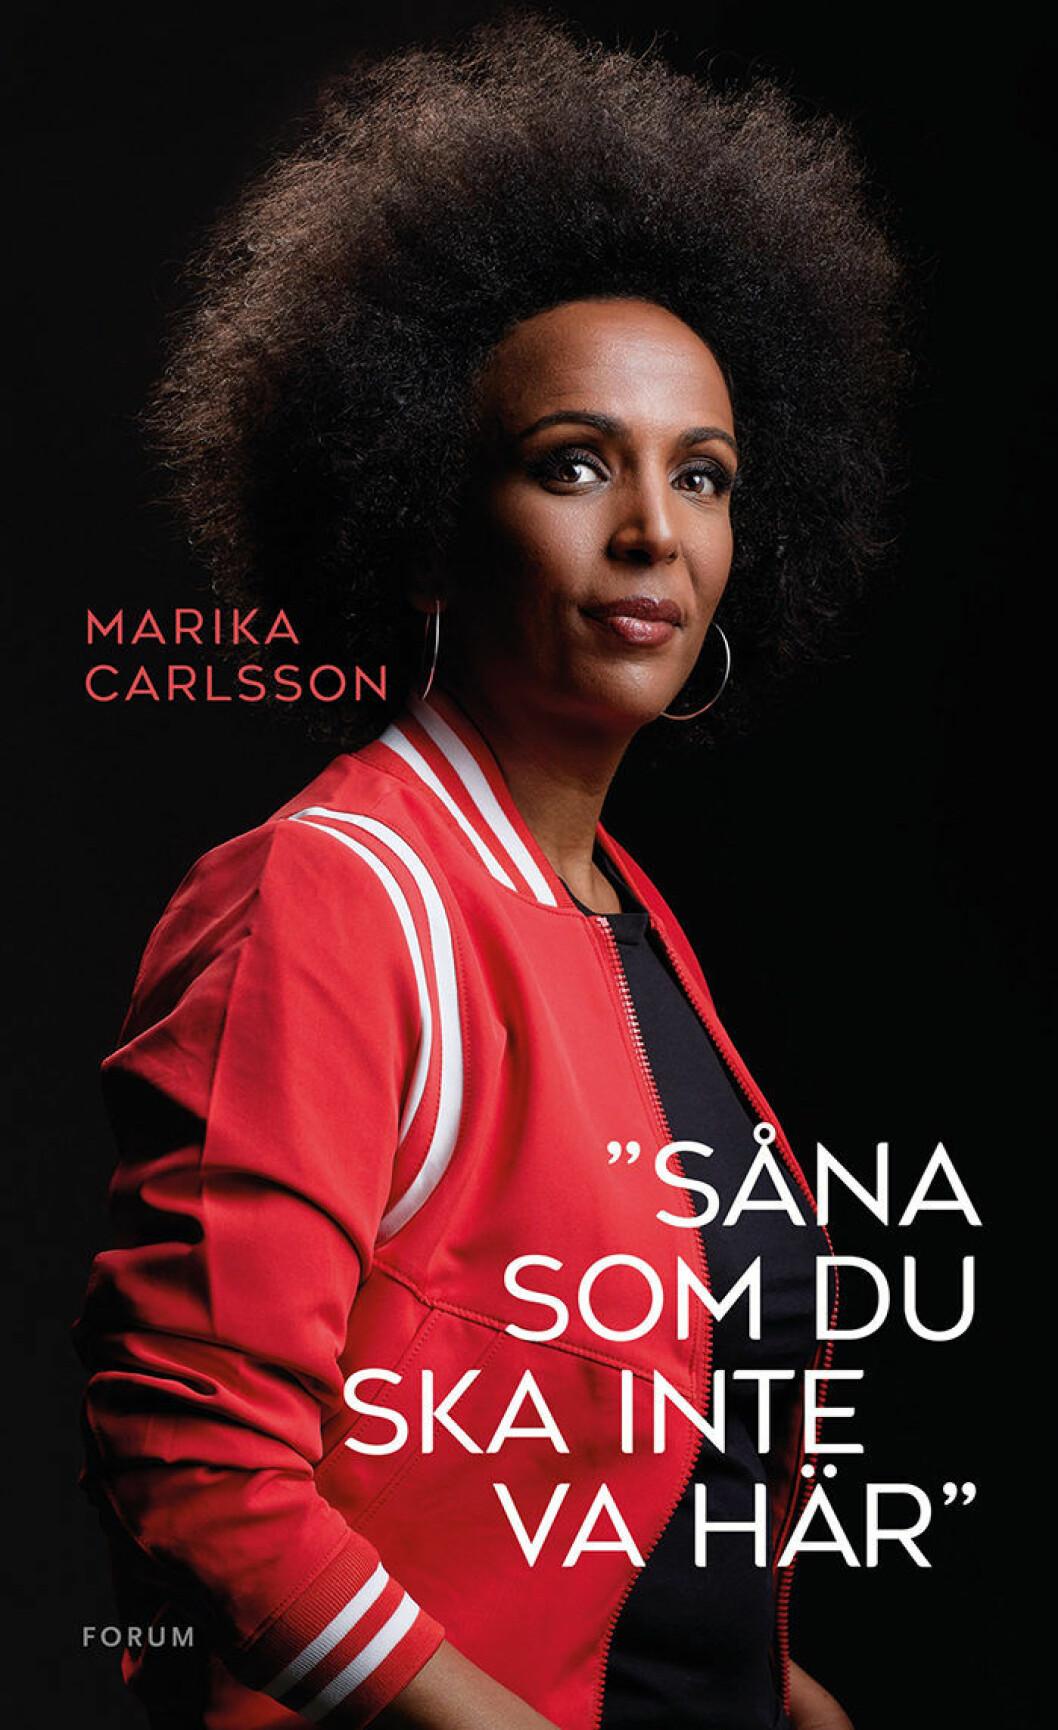 Såna som du ska inte va här Marika Carlsson